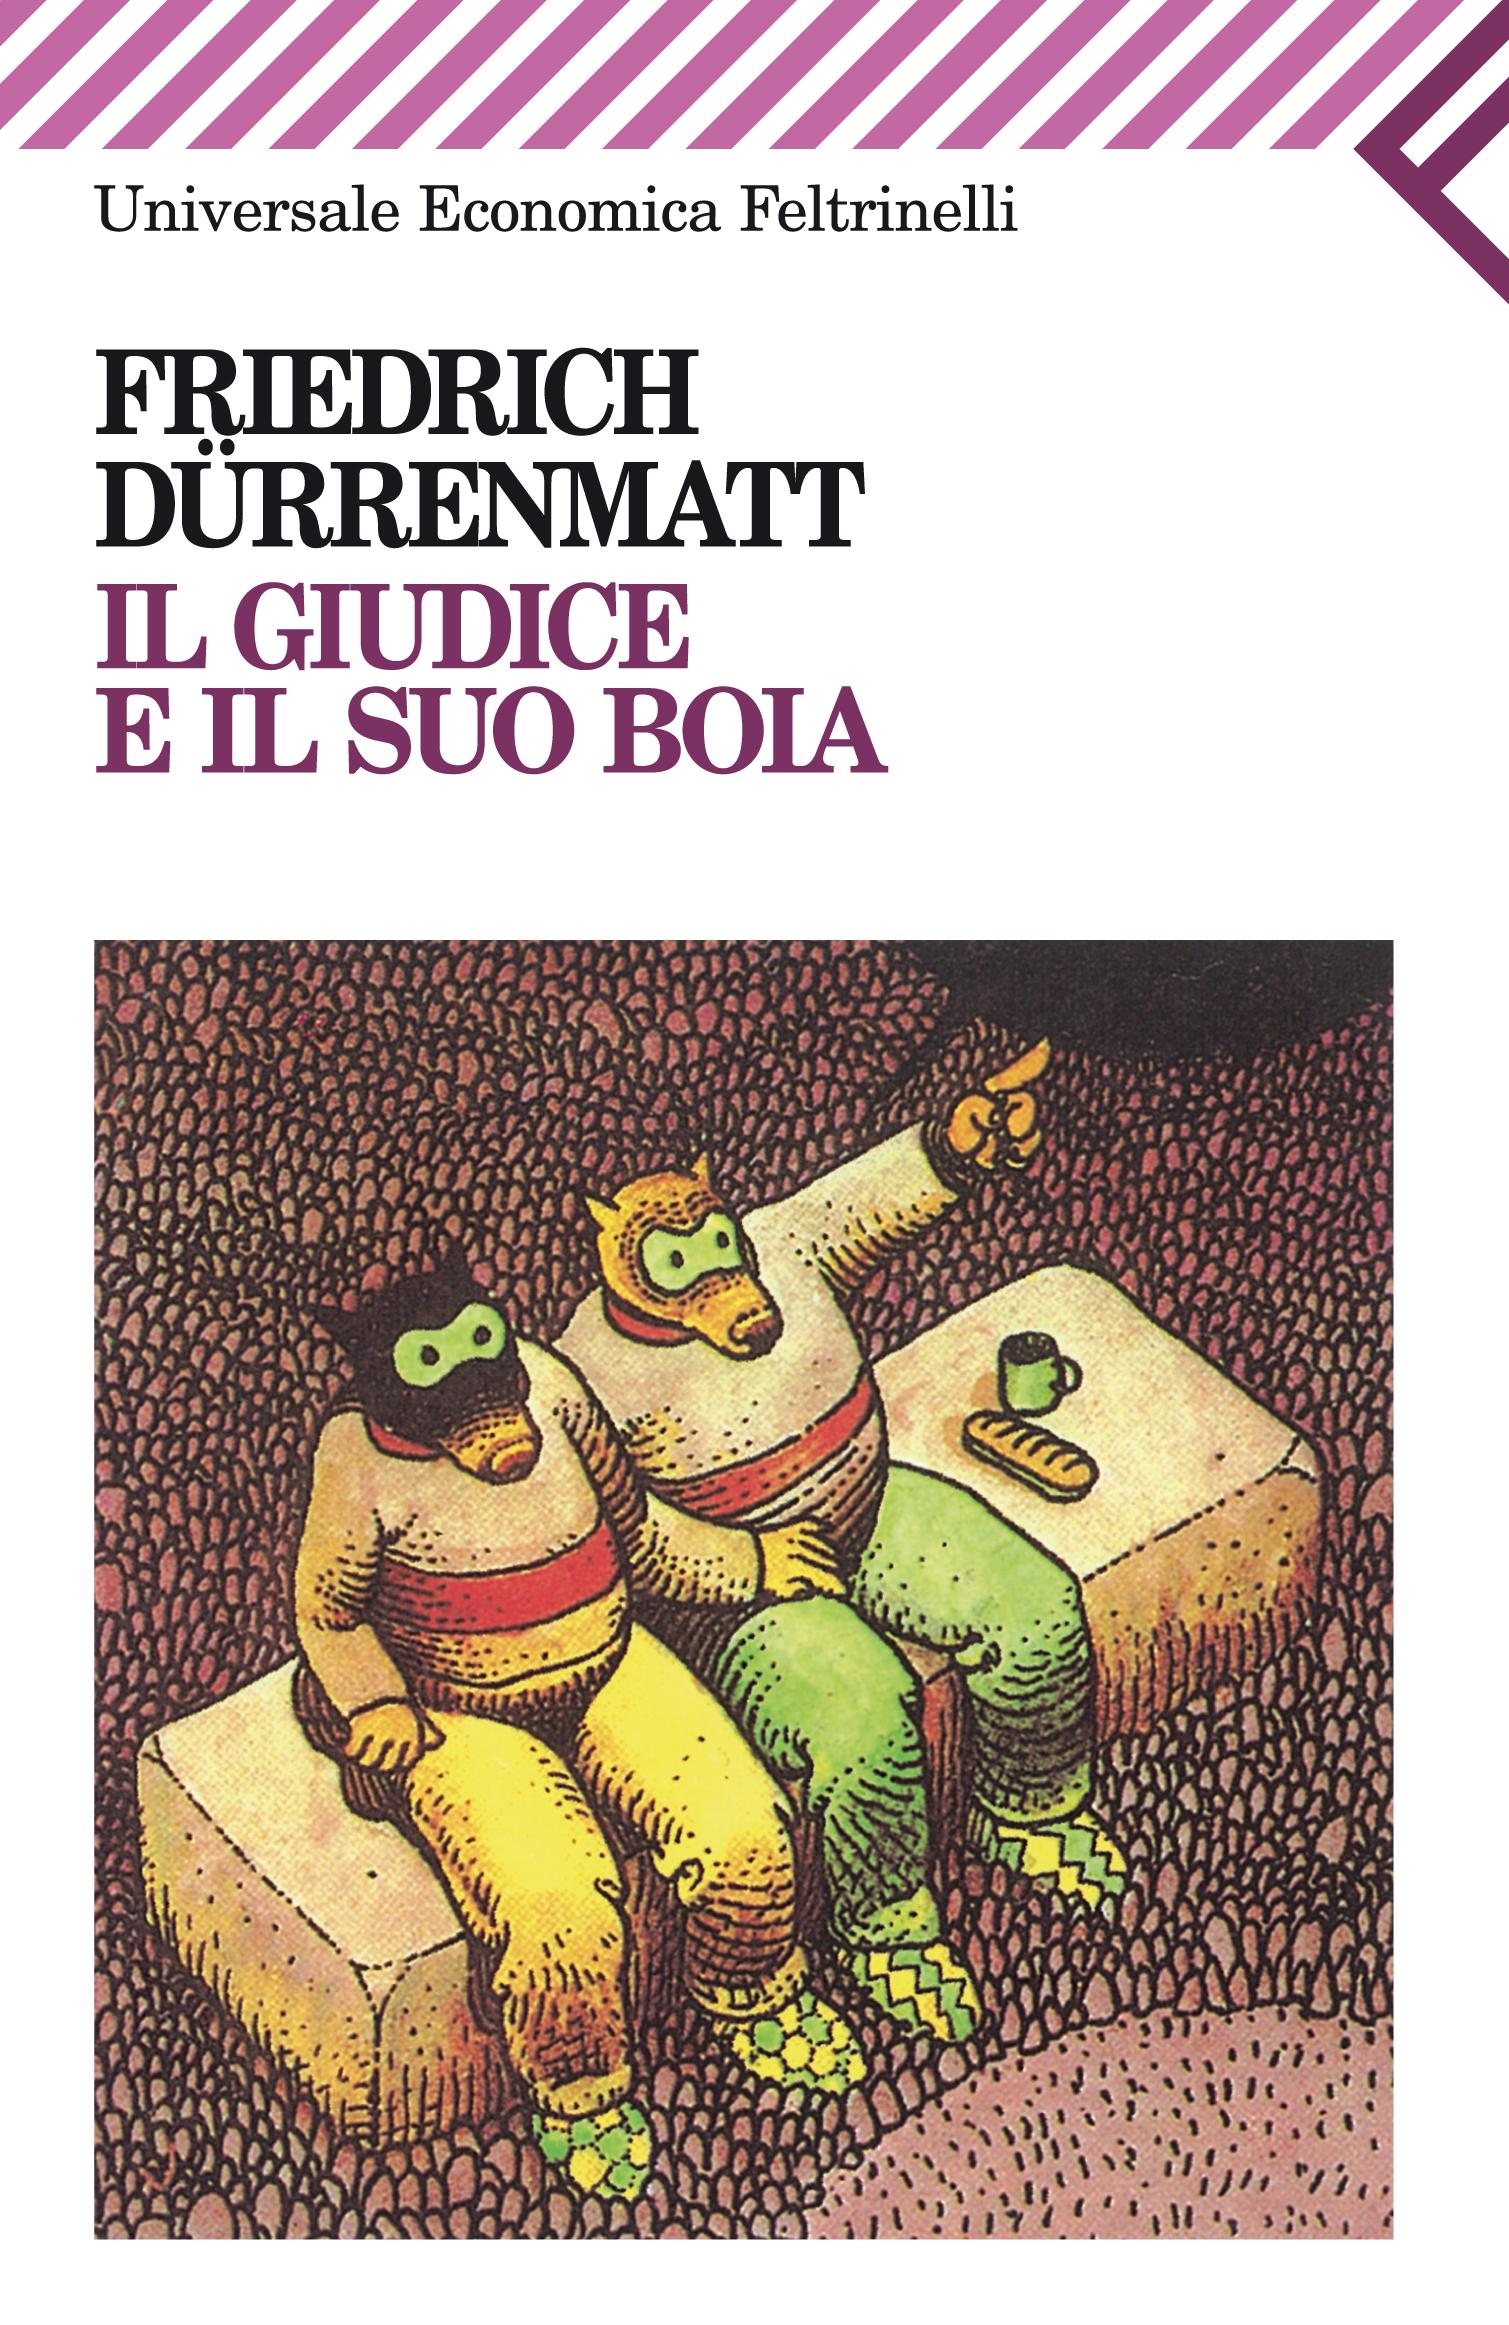 FRIEDRICH DURRENMATT: IL GIUDICE E IL SUO BOIA